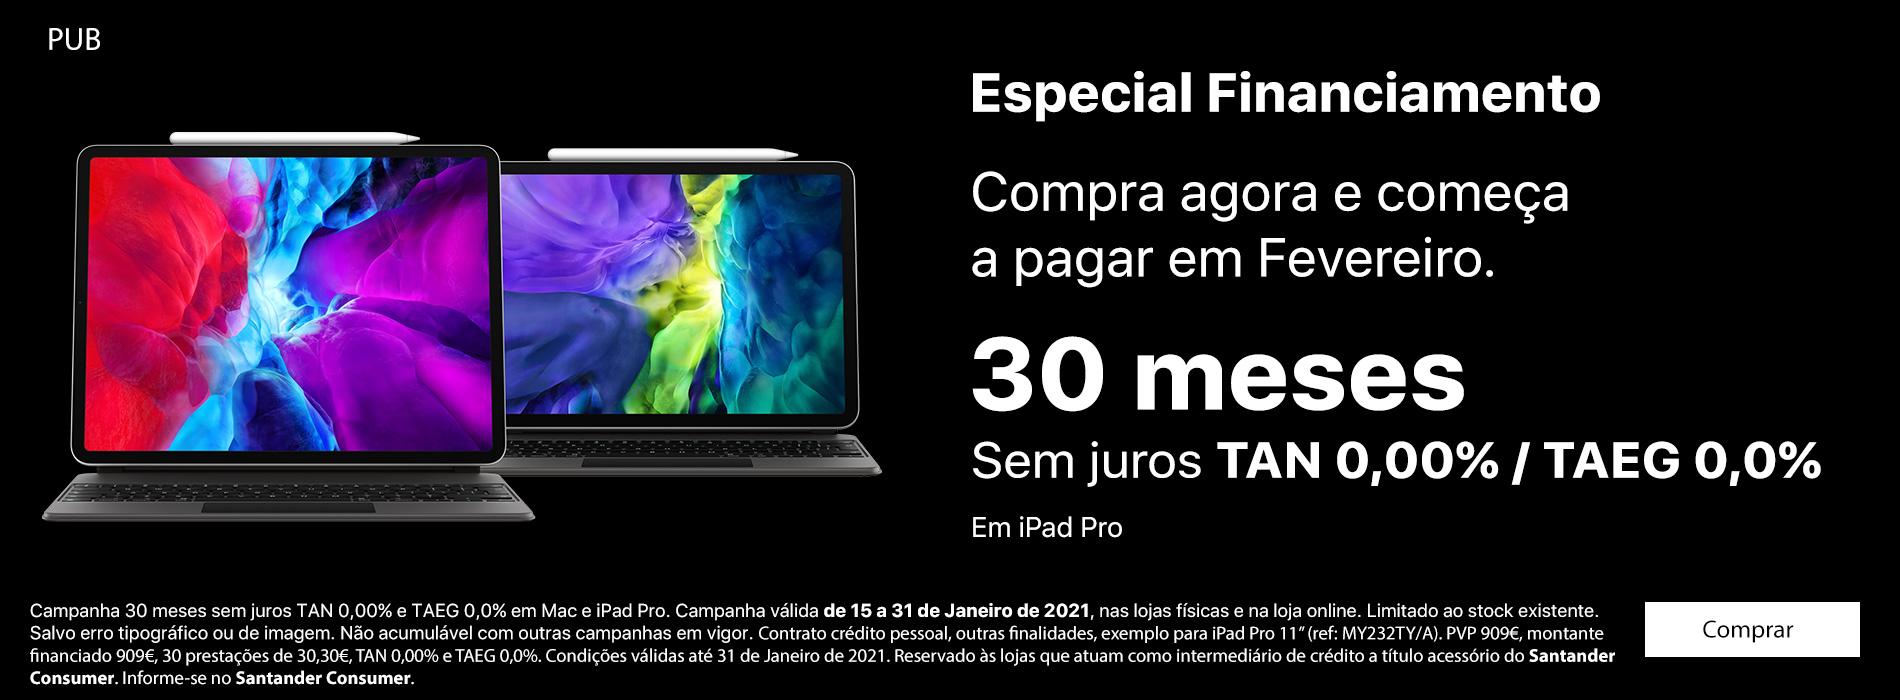 Homepage Slideshow - Financiamento iPad Pro 30 meses sem juros TAN/TAEG 0,0%